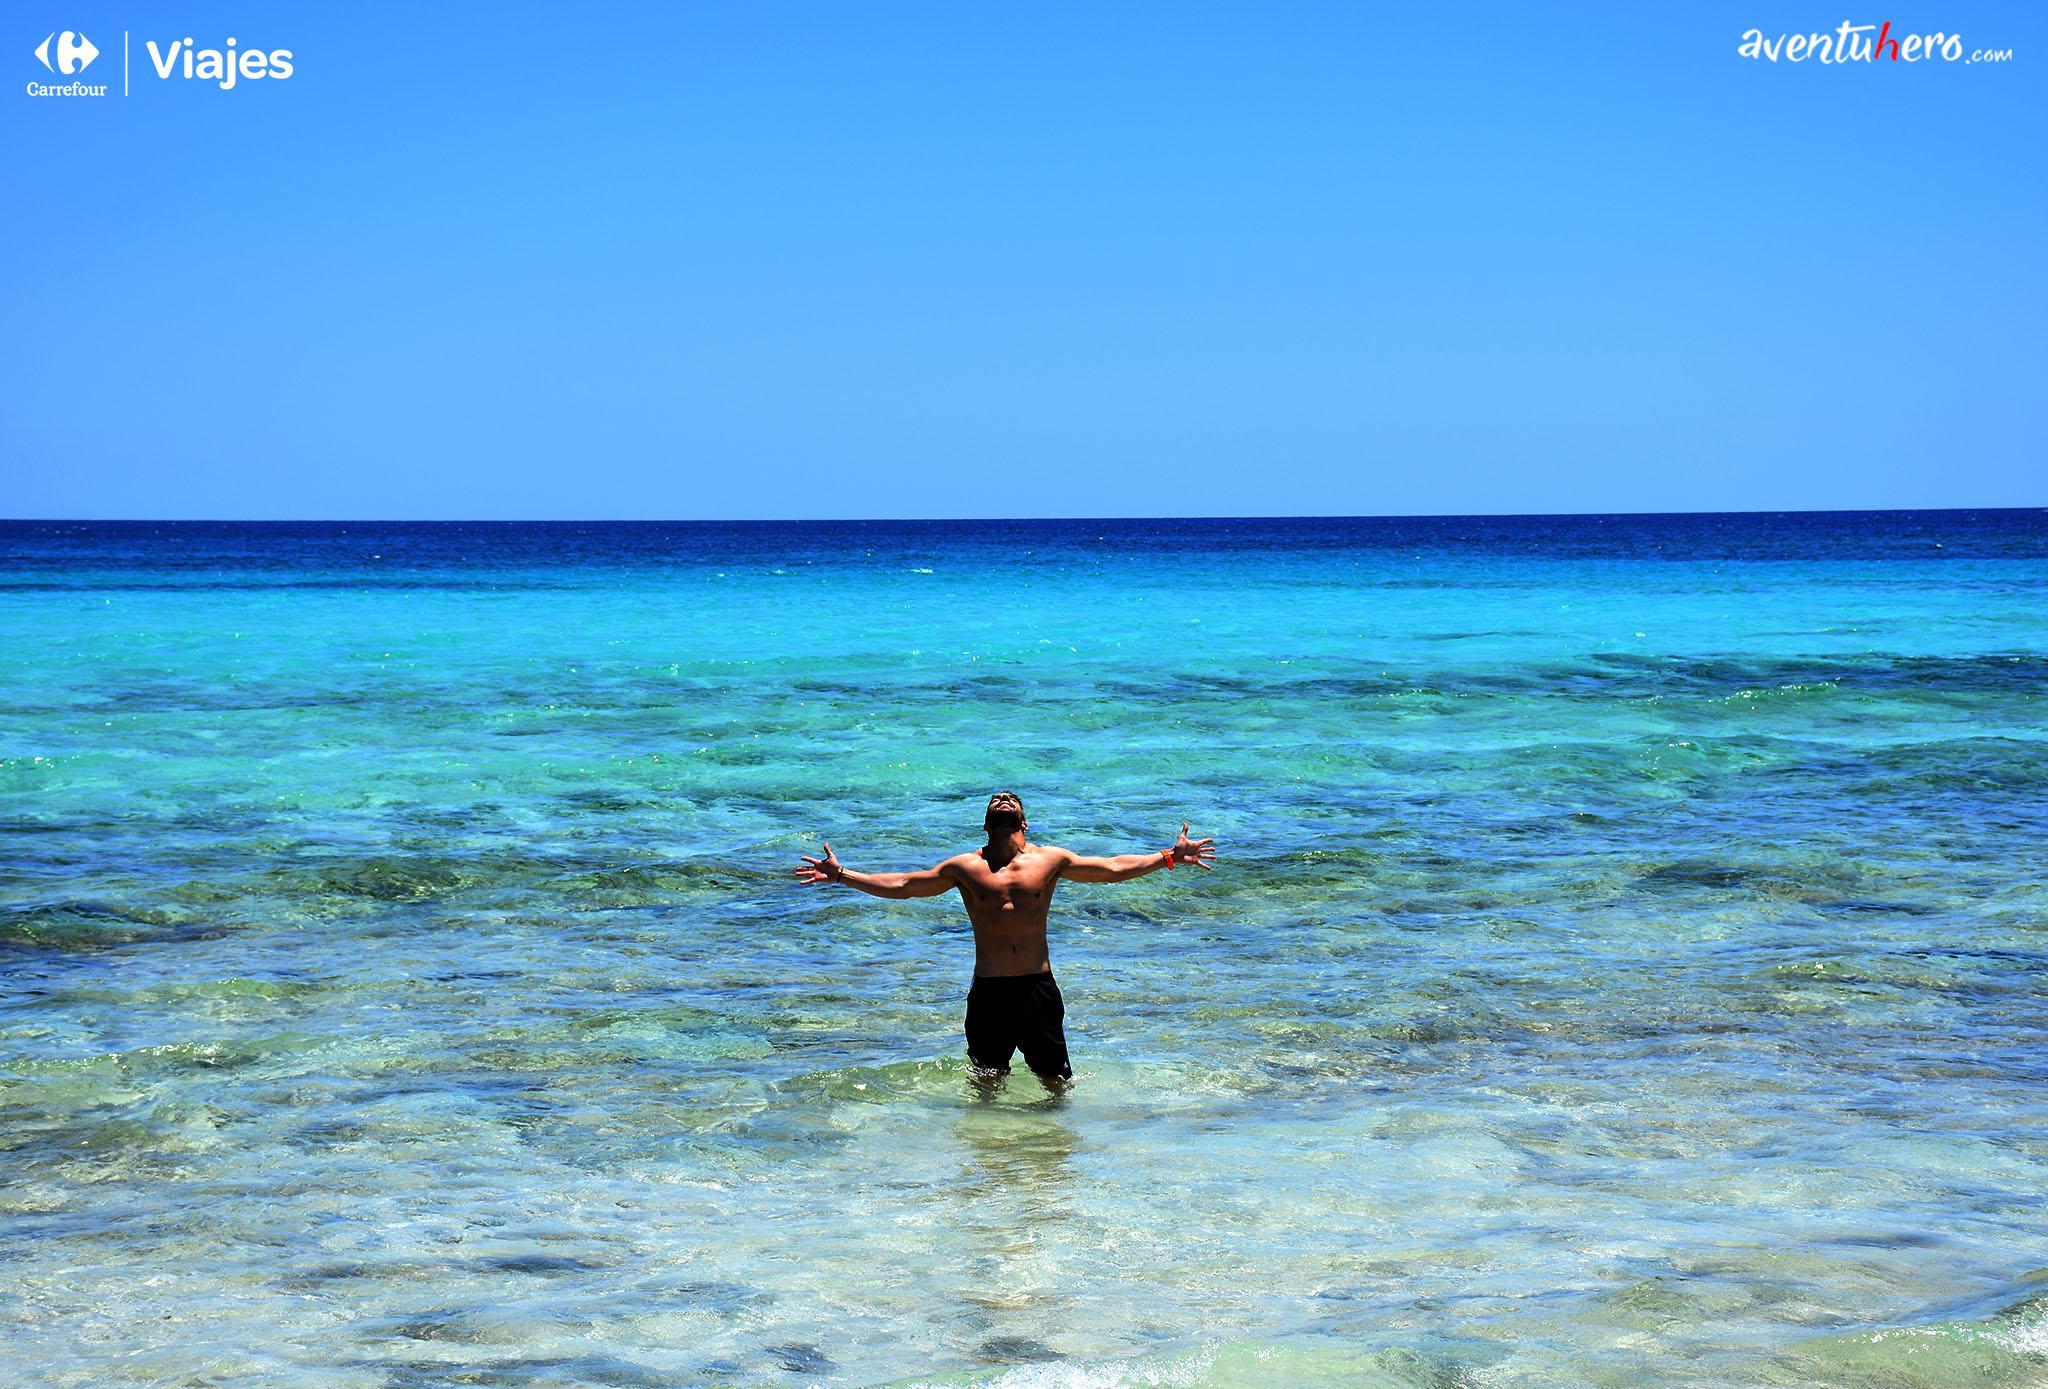 Aventuhero - Playa de El Corralejo escapada a Fuerteventura